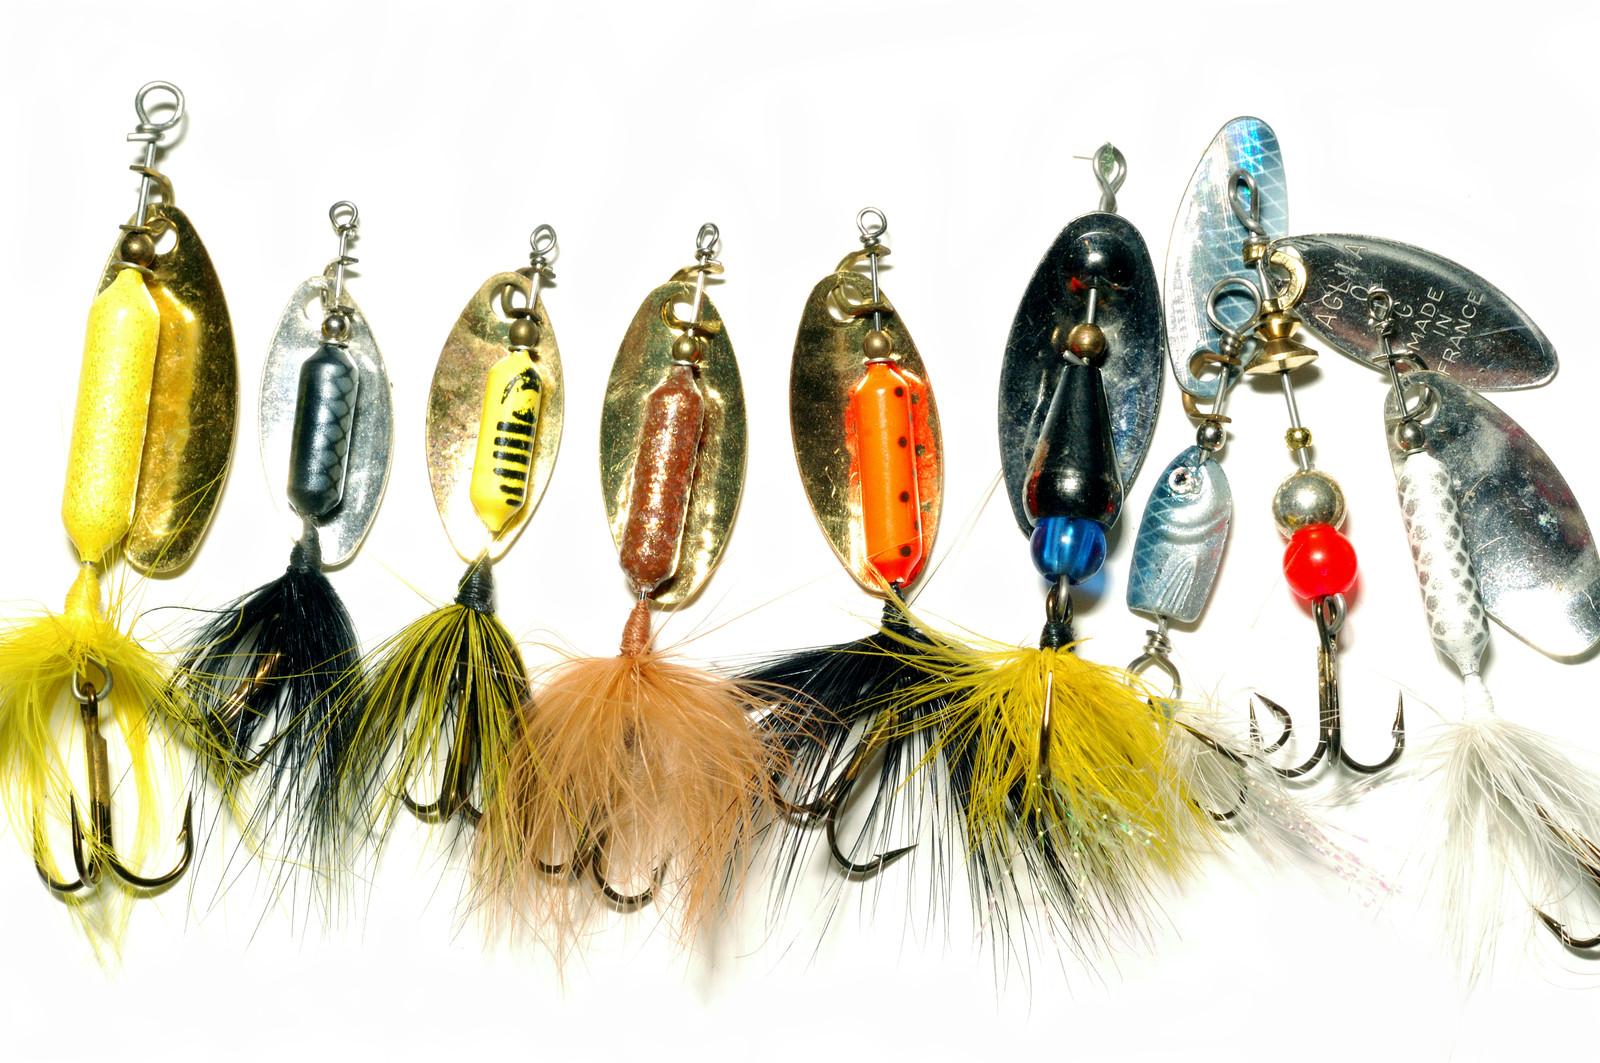 freshwater salmon lures - take me fishing, Hard Baits